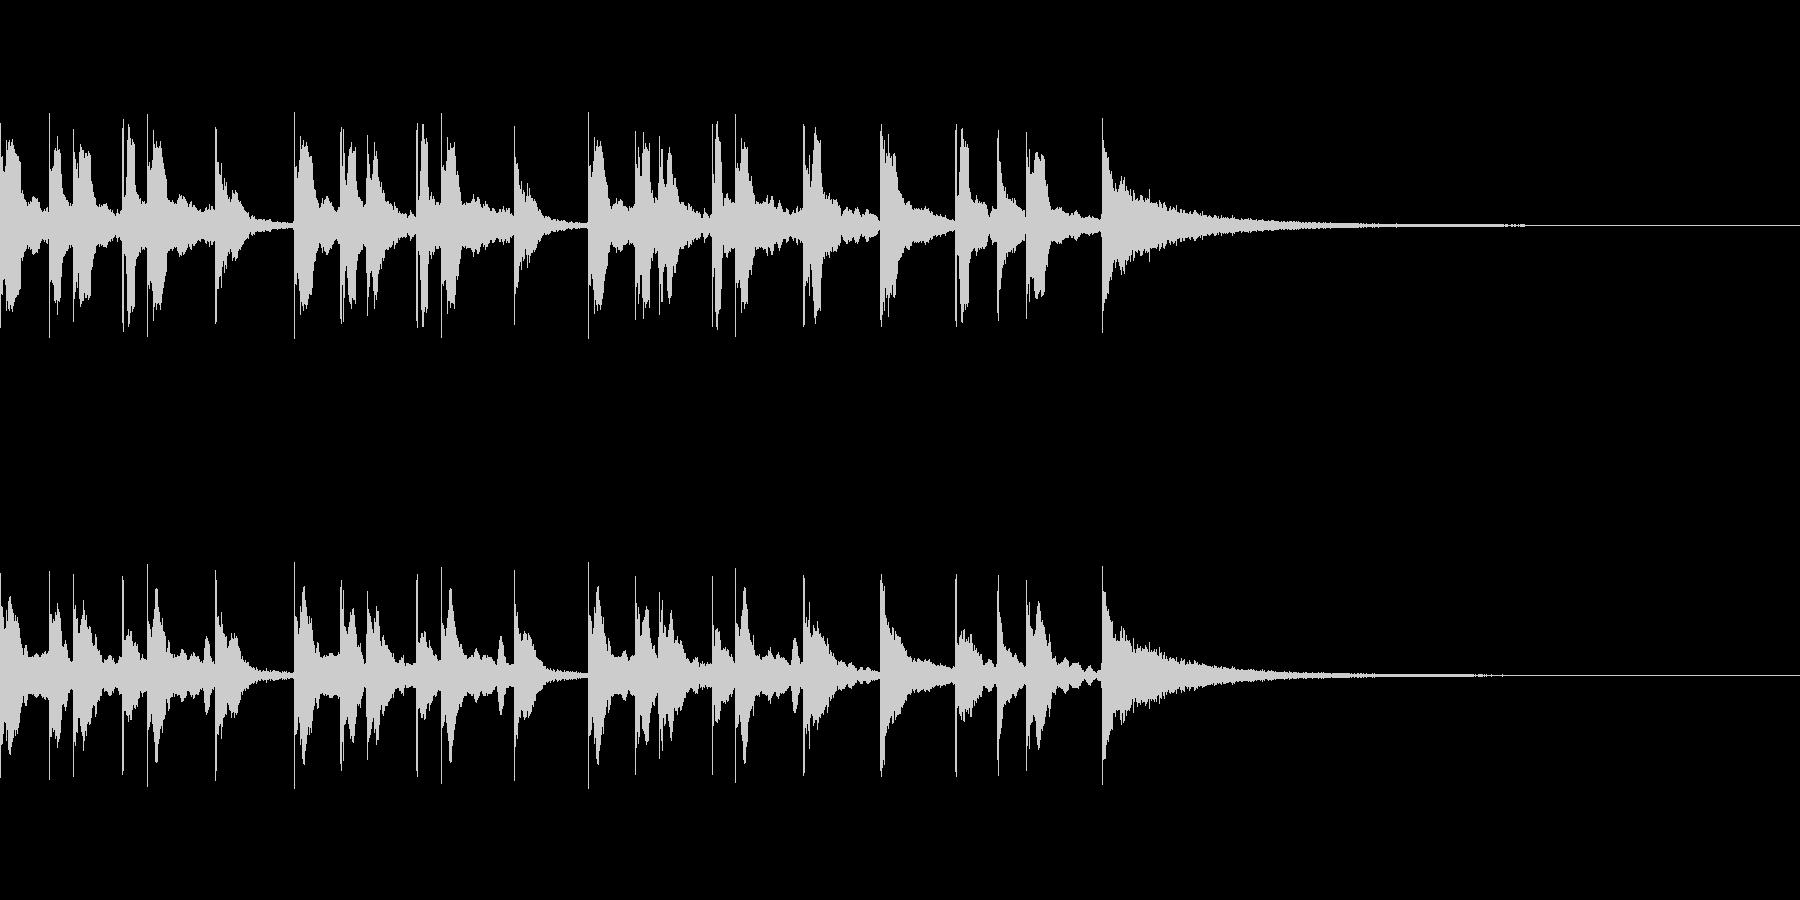 コミカルな和風ジングルの未再生の波形